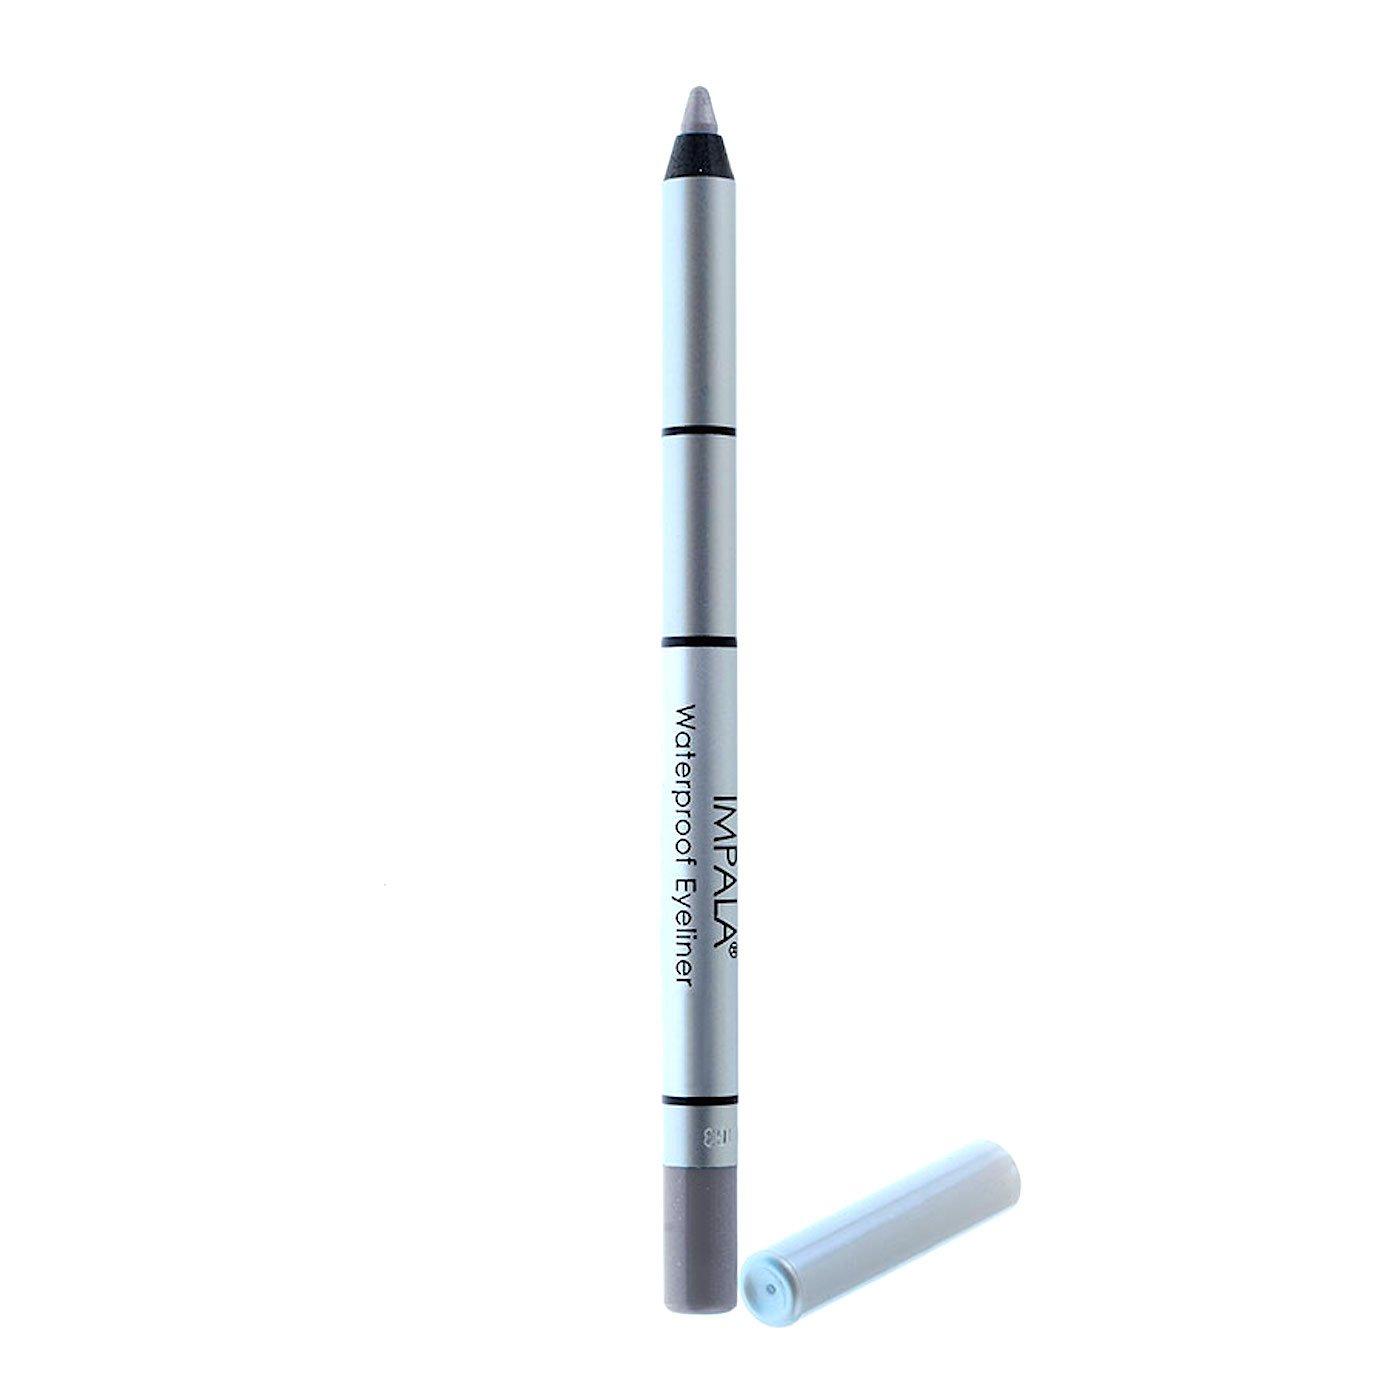 Impala Eye Pencil 313 Blue Creamy Waterproof Long-Wear